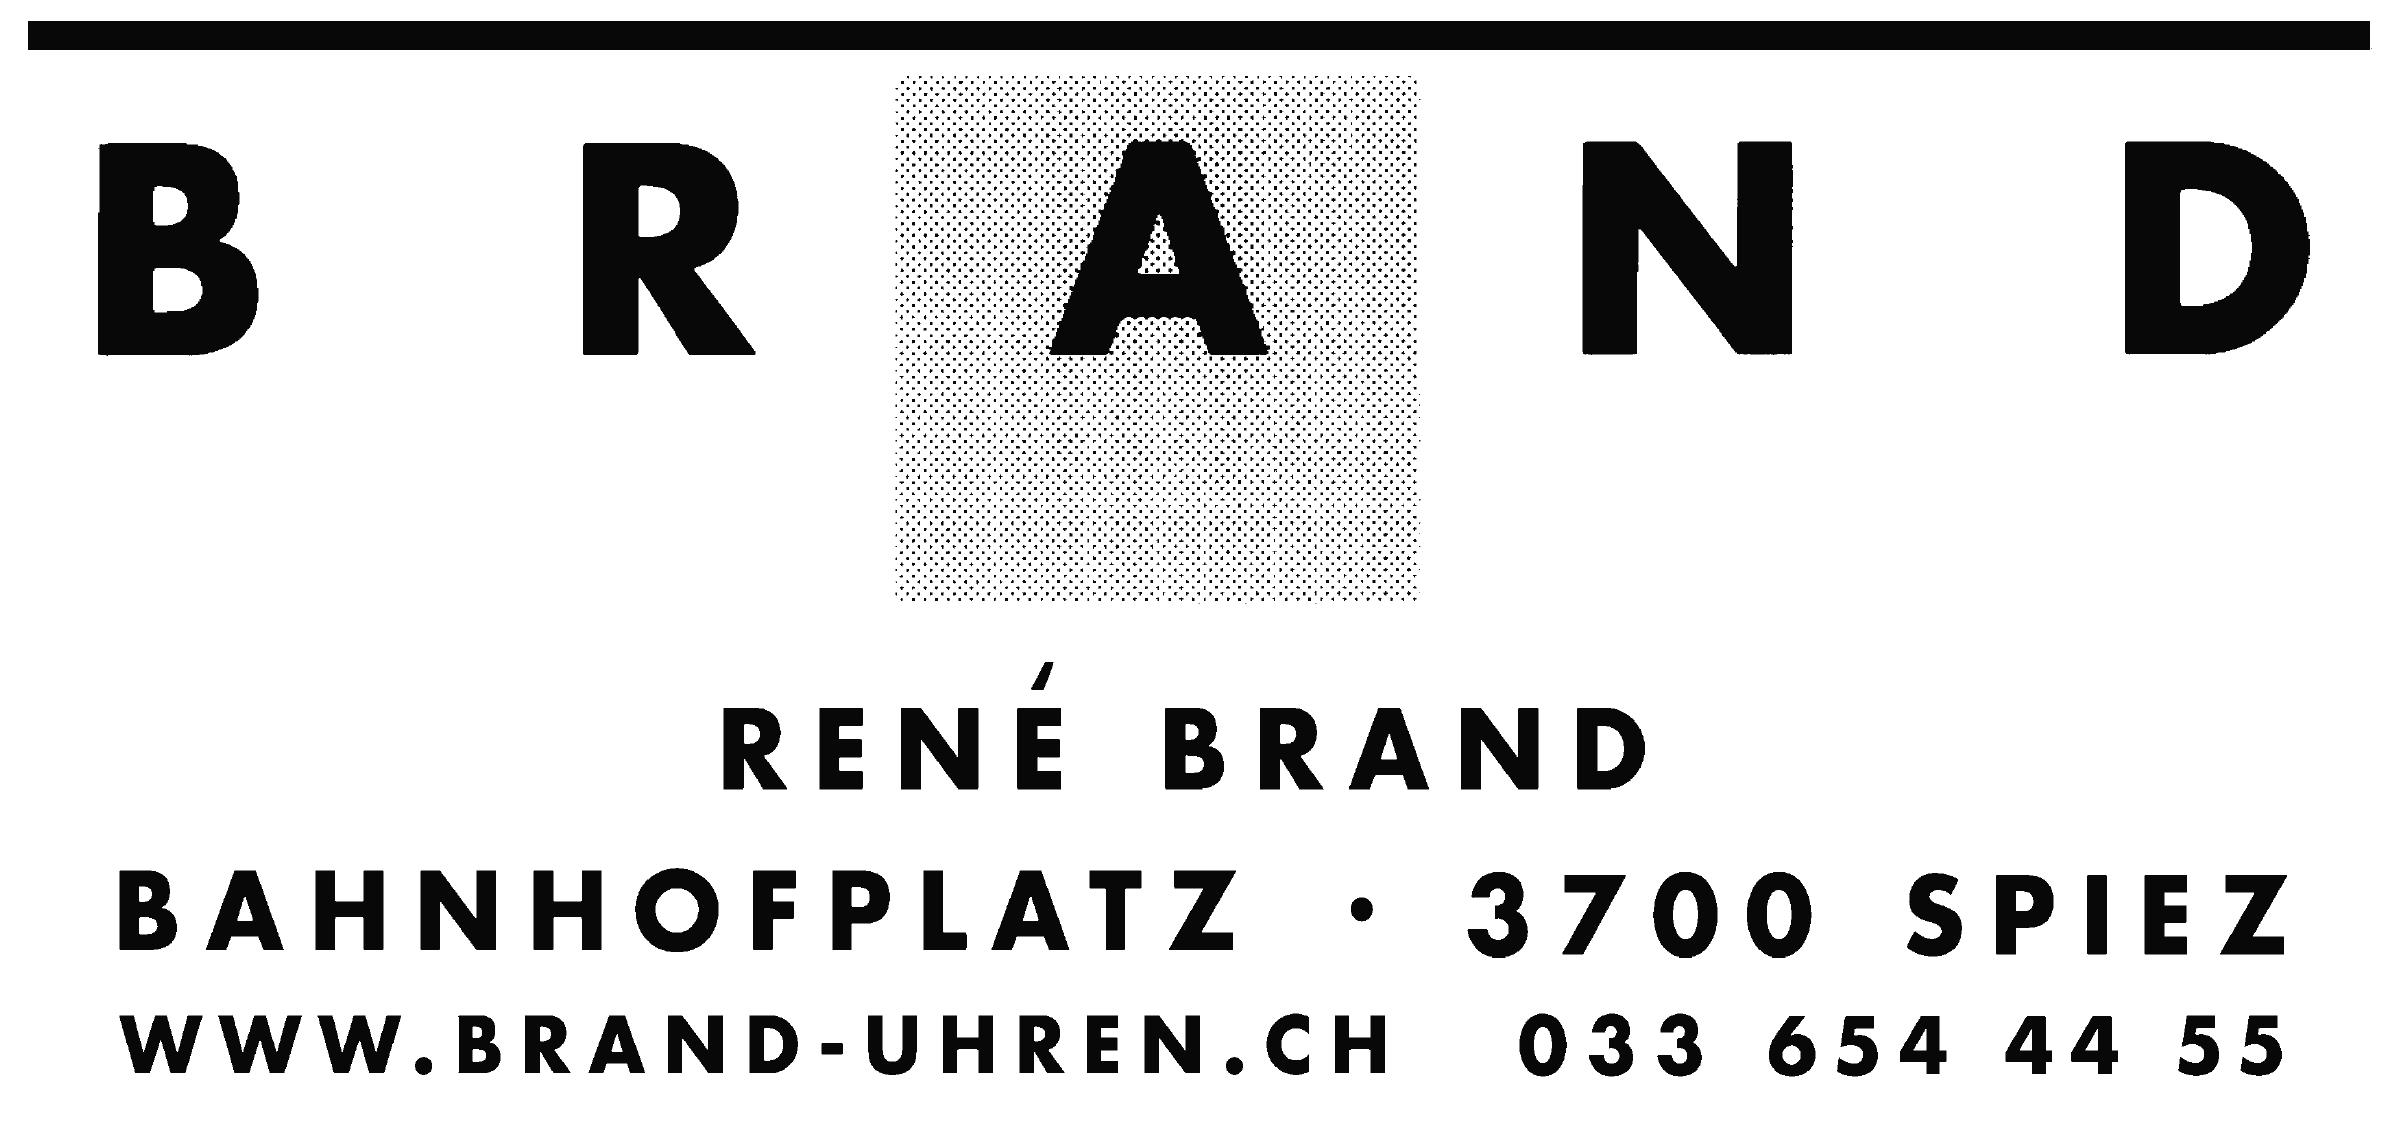 Brand_2017.jpg